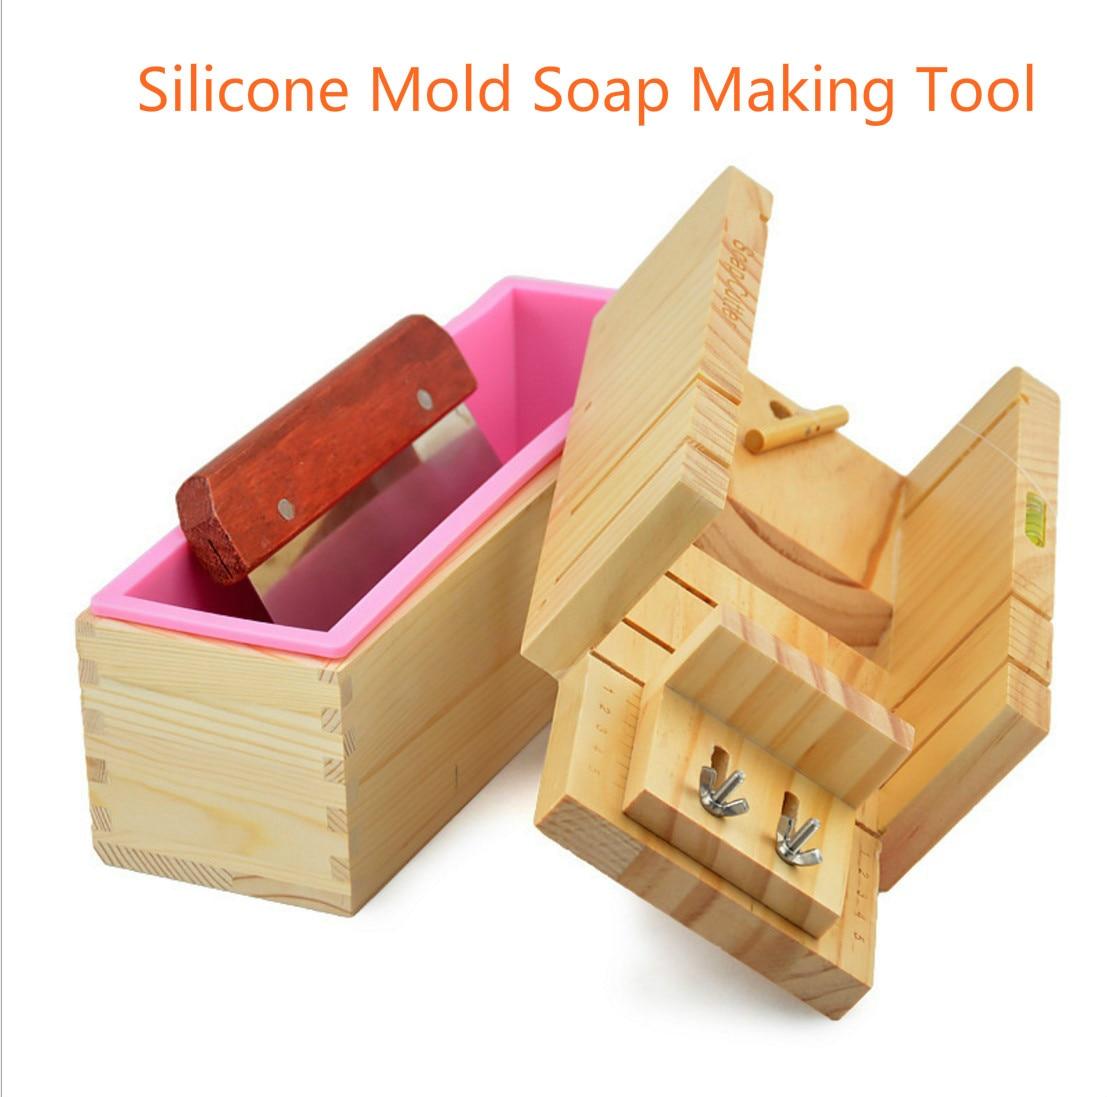 29%, nouveau Silicone moule savon faisant outil Set-3 réglable en bois pain Cutter boîte 1 pièces en acier inoxydable lames pour bricolage à la main